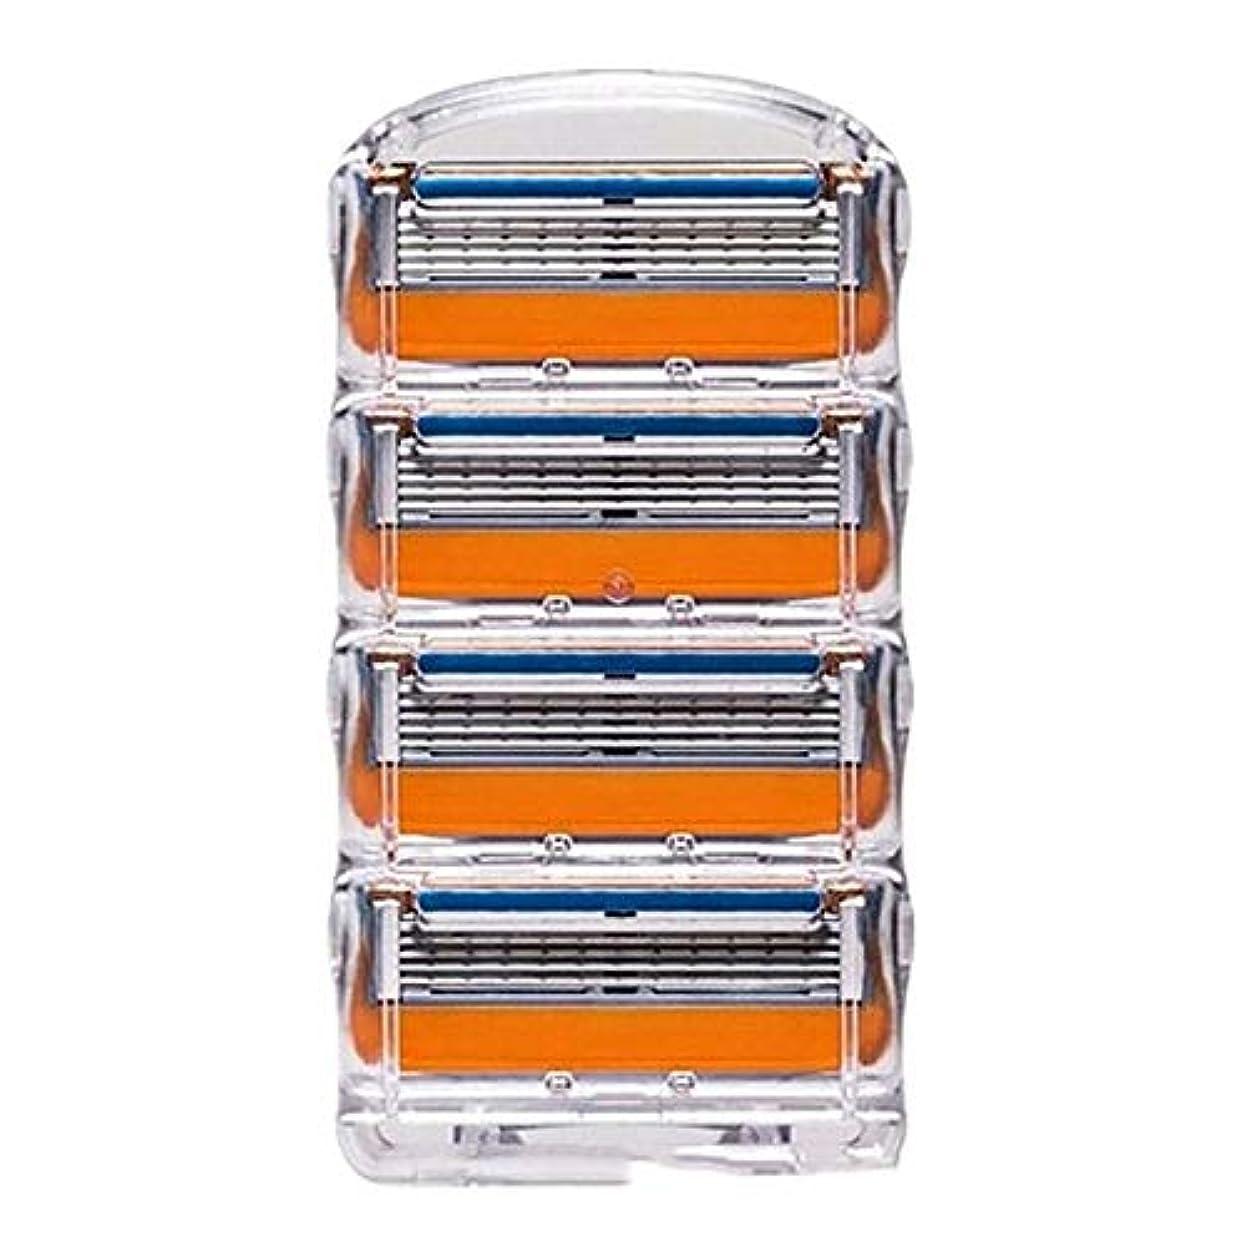 ラテンホースフェッチ剃刀手動5層剃刀手動剃刀オレンジの箱4